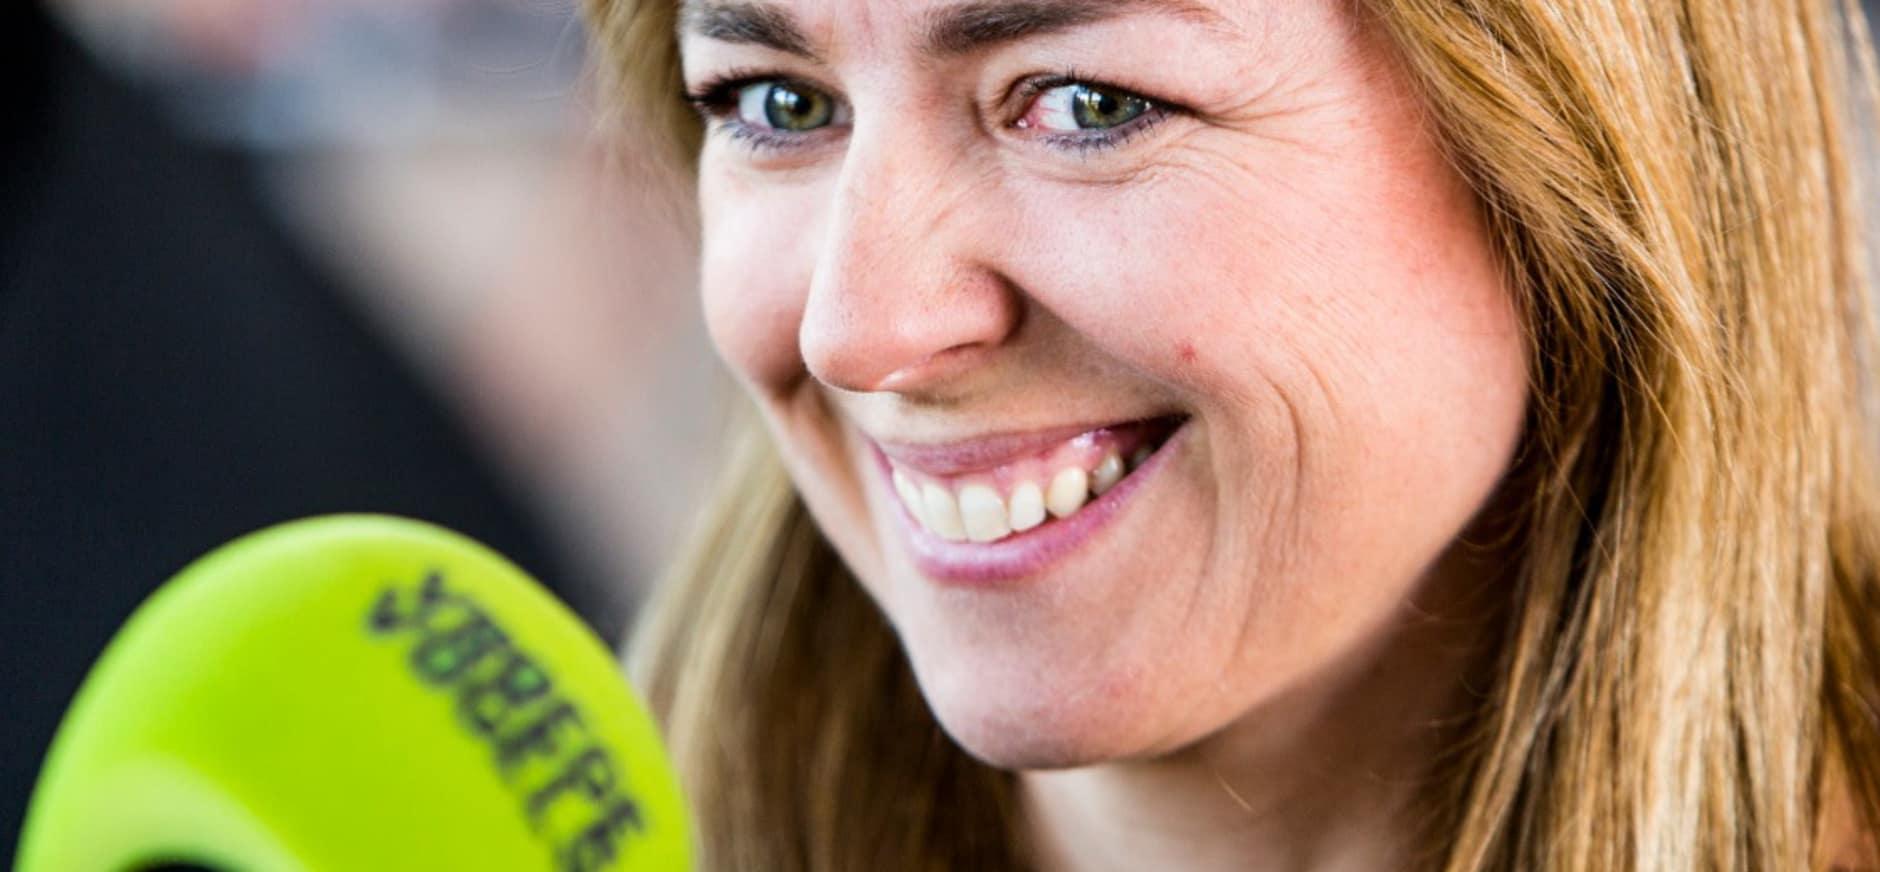 Marianne Thieme Groenste Politicus 2015